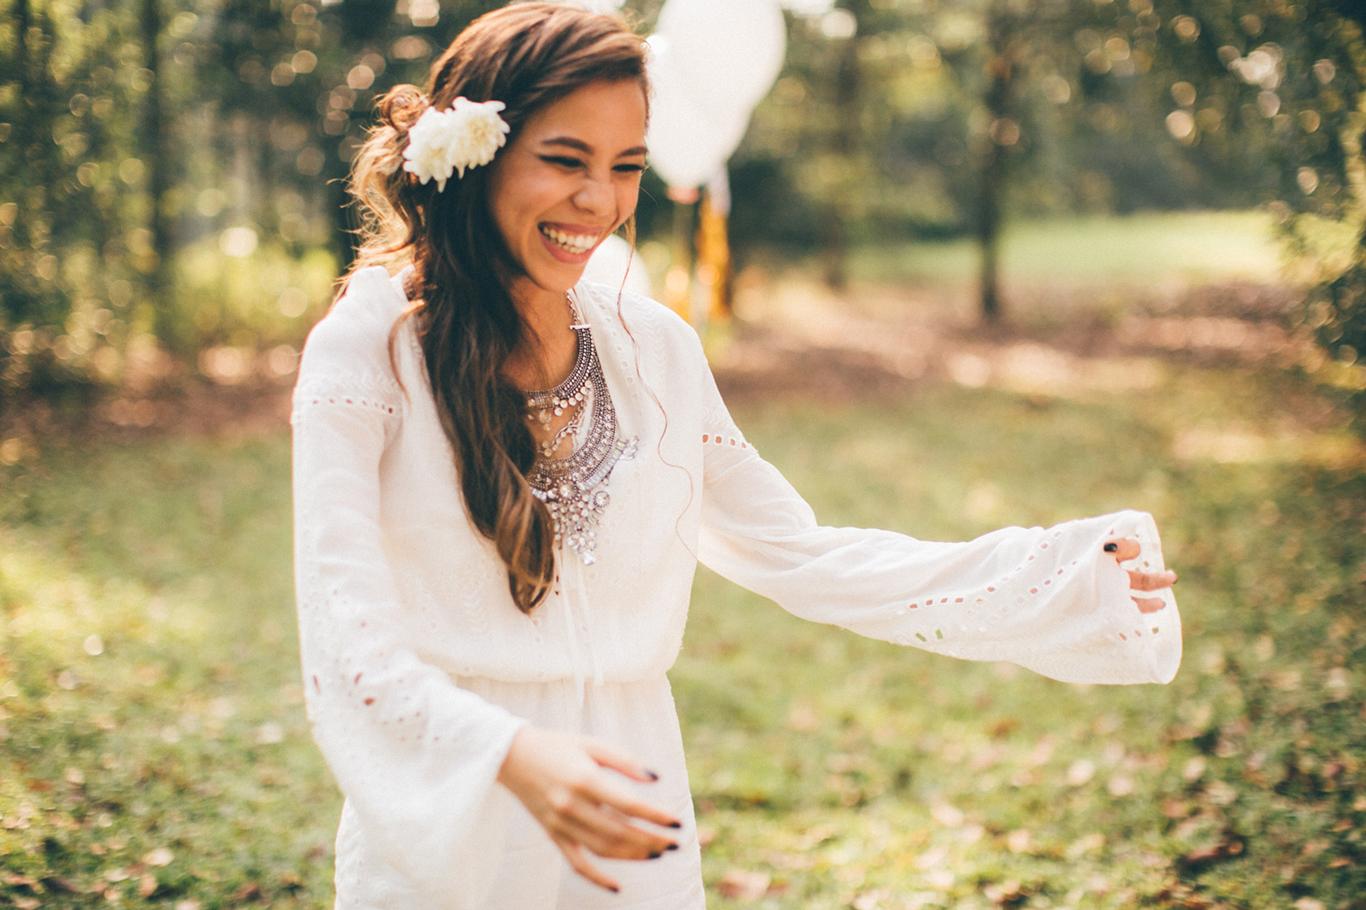 26-hellojanelee-amazing-wedding-2015-malaysia